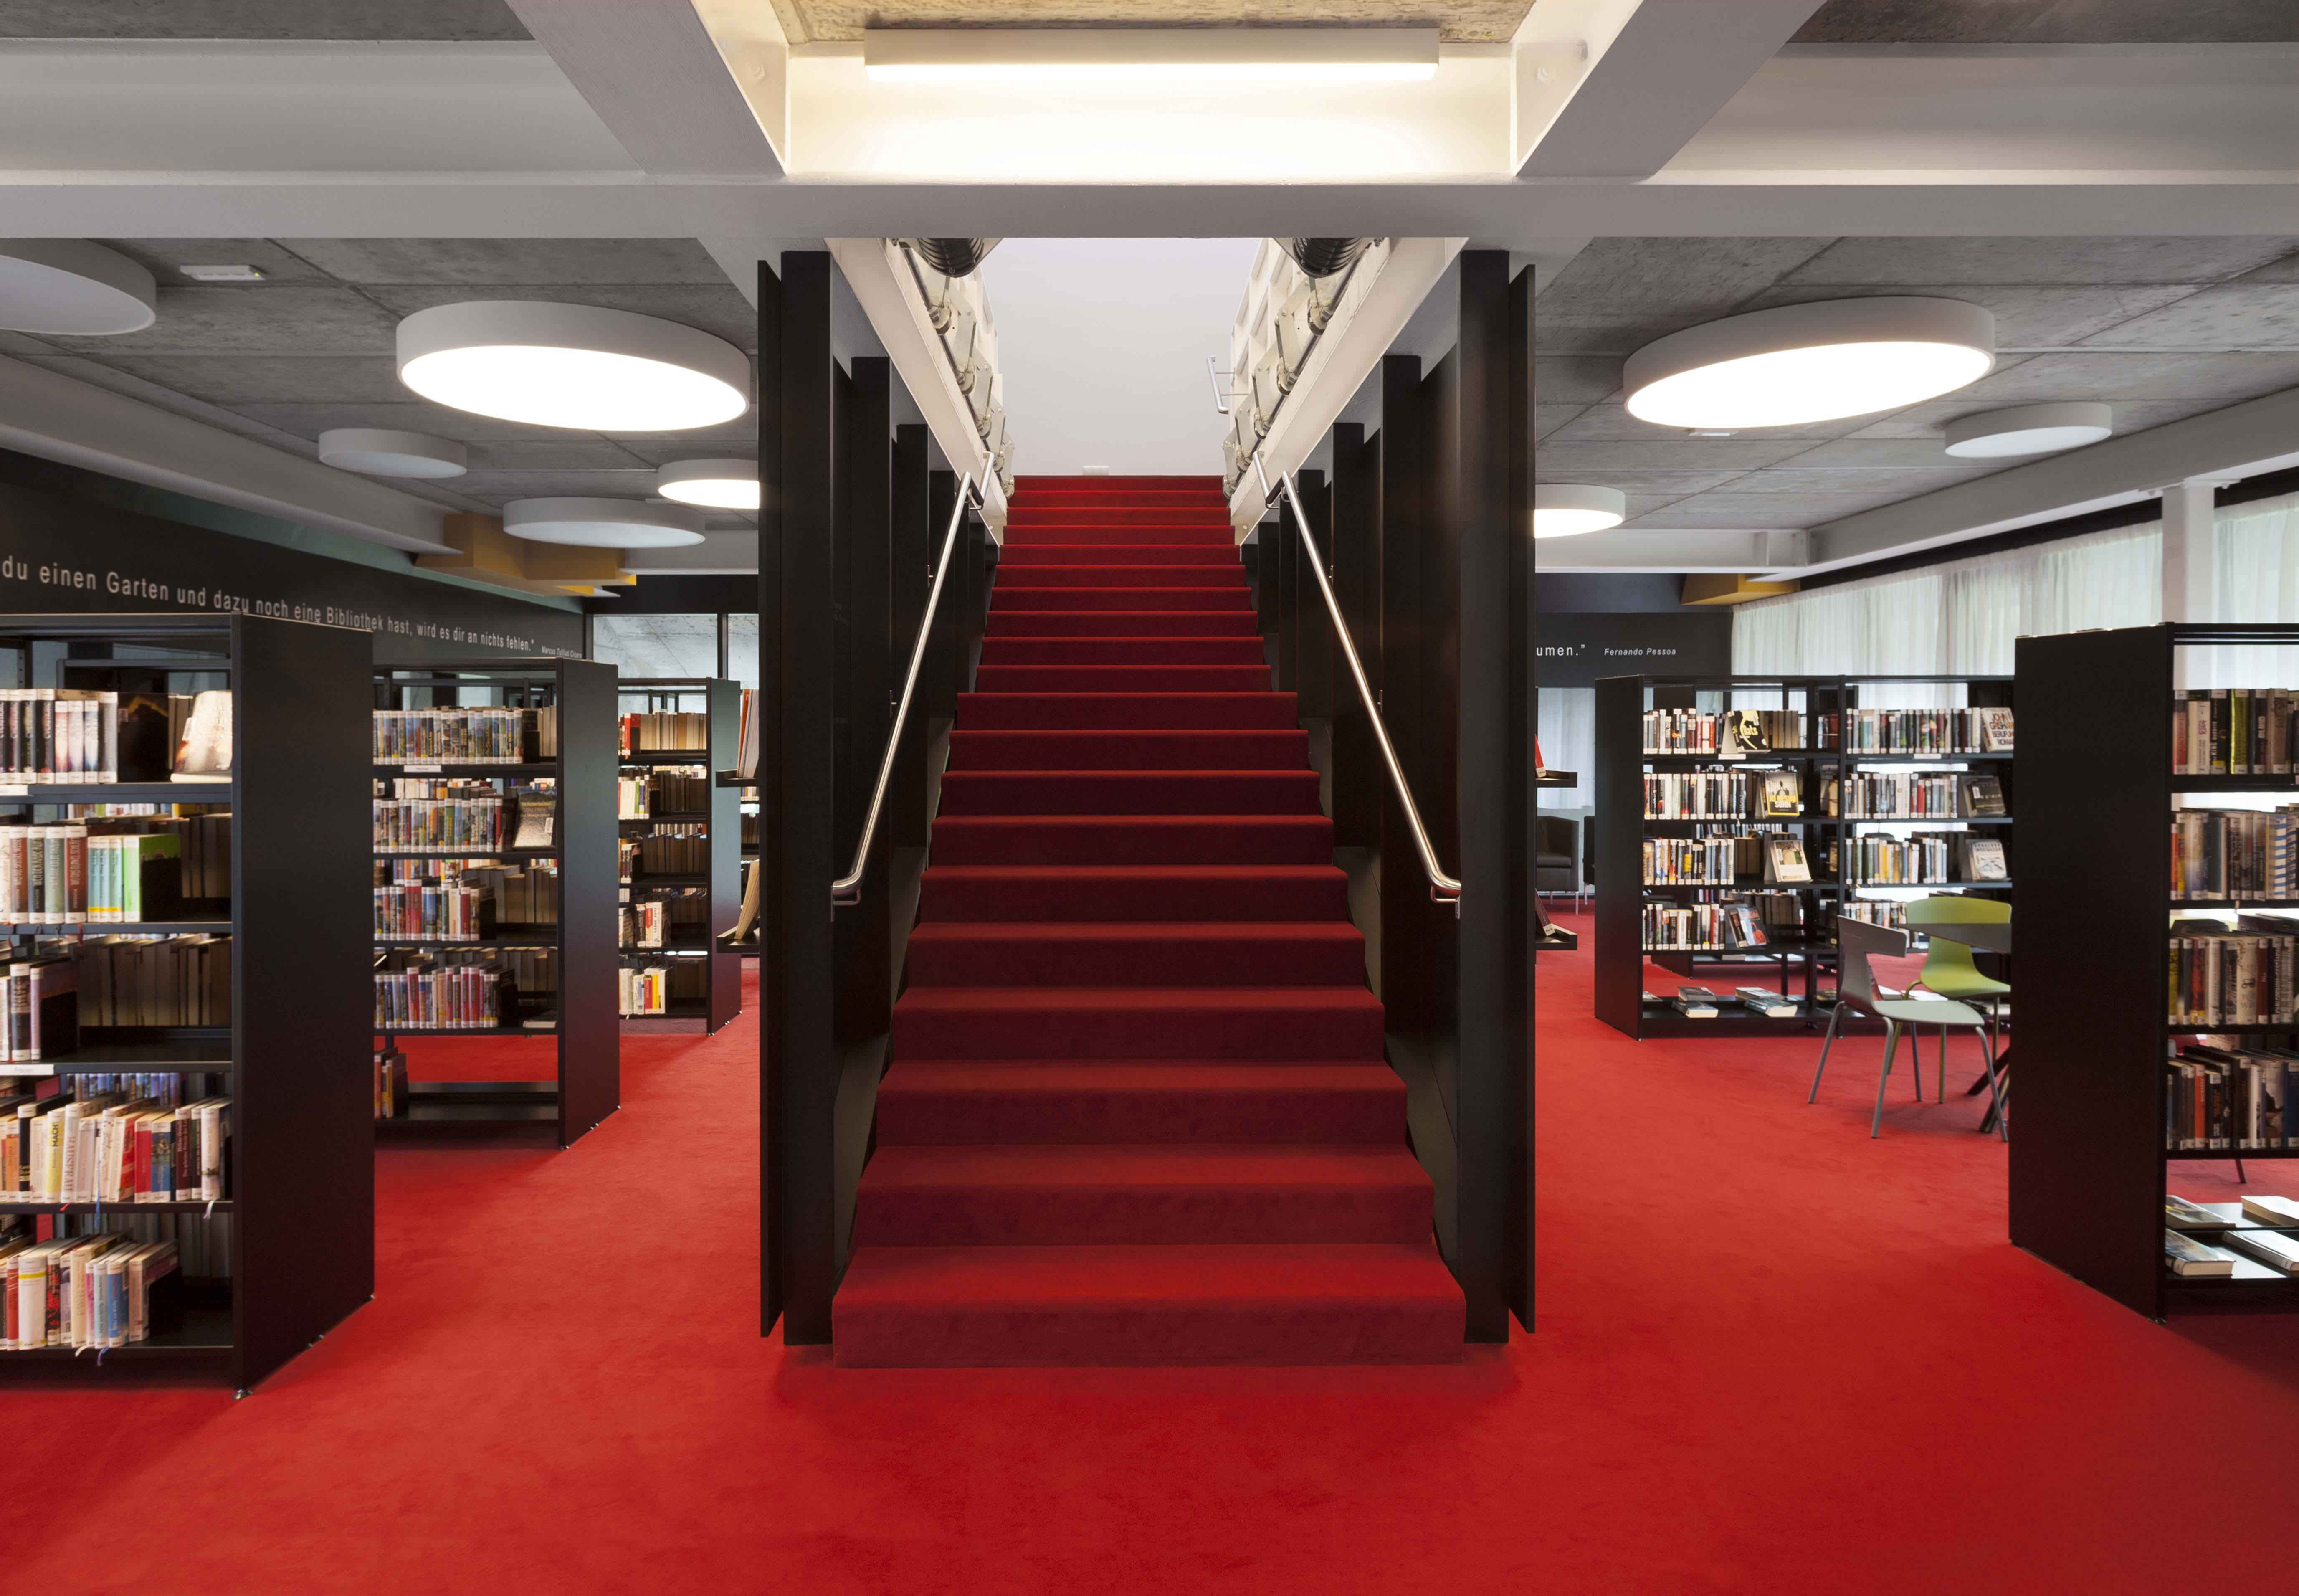 Bibliothek in Kaltern, Südtirol | architektur.aktuell